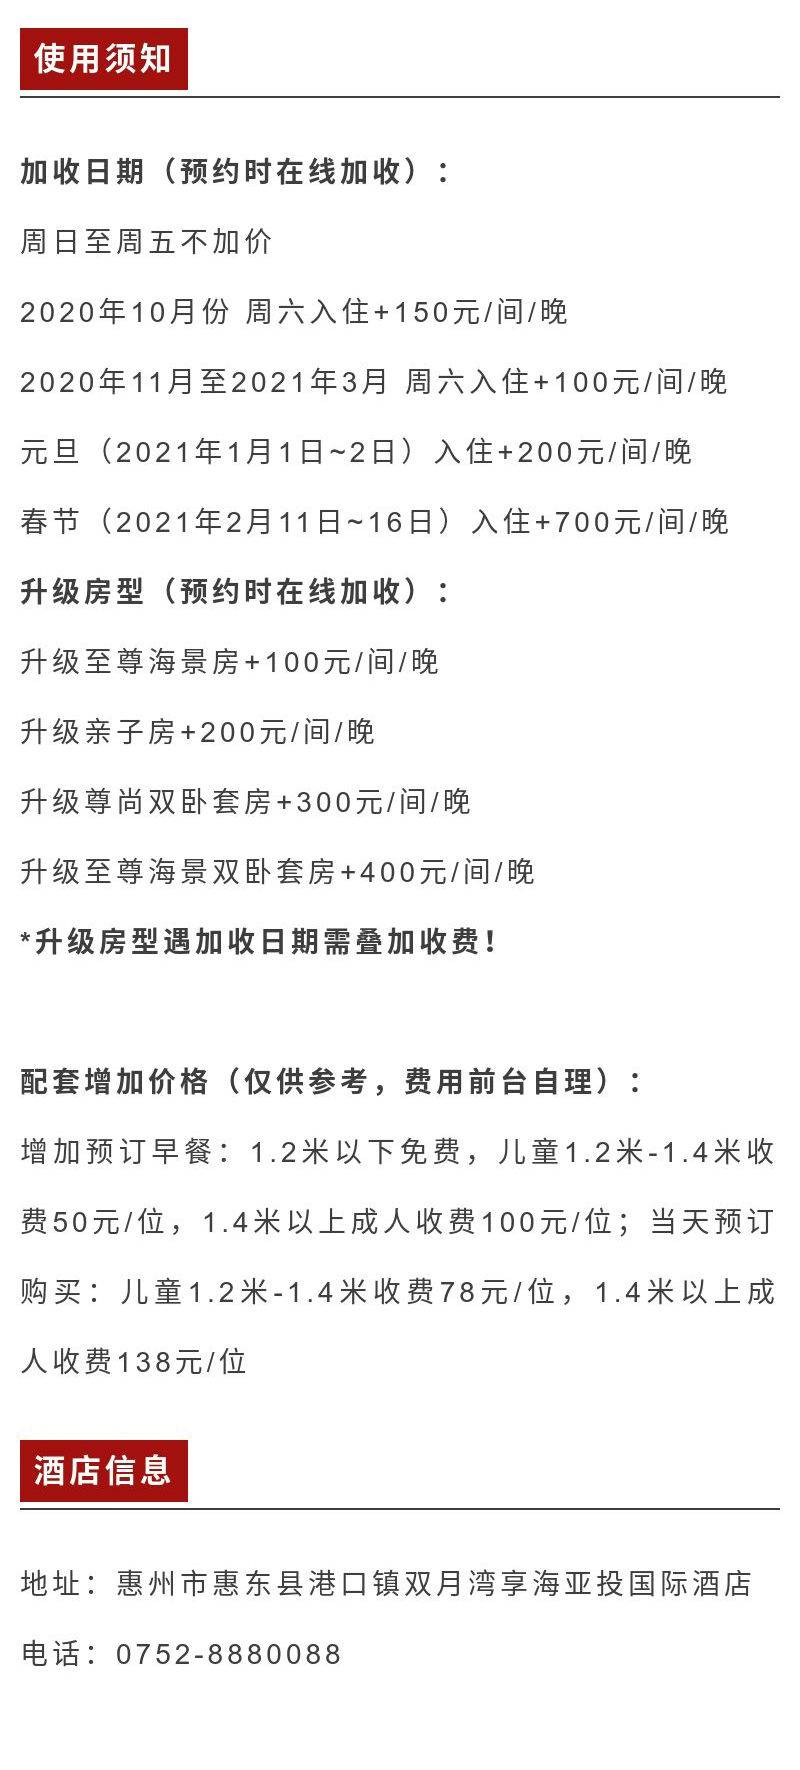 【惠州·双月湾】双11大促丨399元抢享海亚投国际酒店尊尚海景房+双人自助早餐+双人玻璃栈道+双人海泉浴